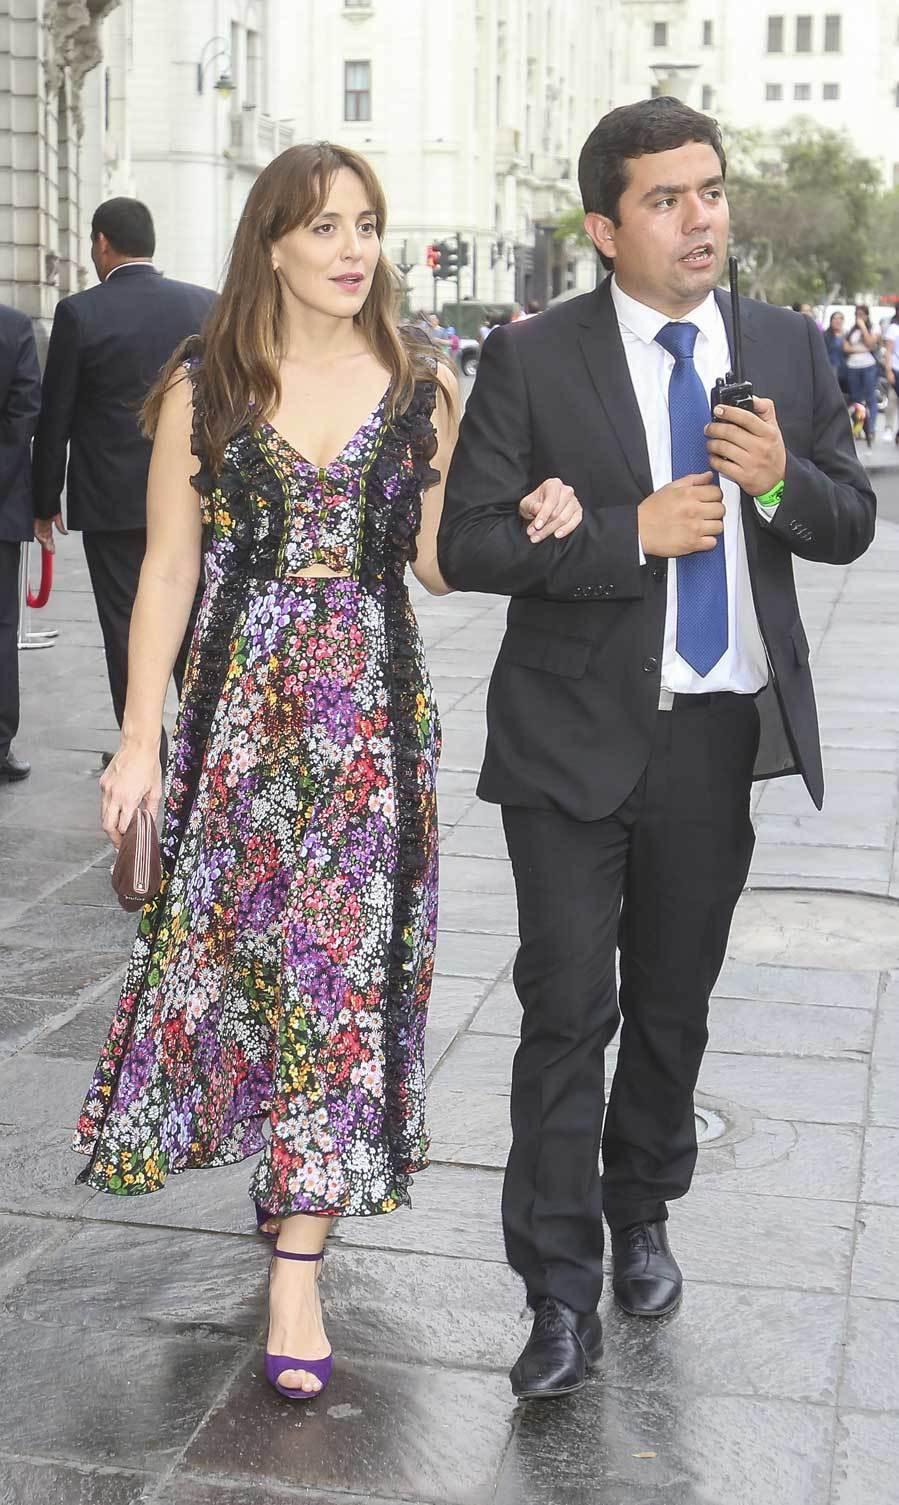 El vestido de flores de Tamara llevaba unos detalles de encaje negro.